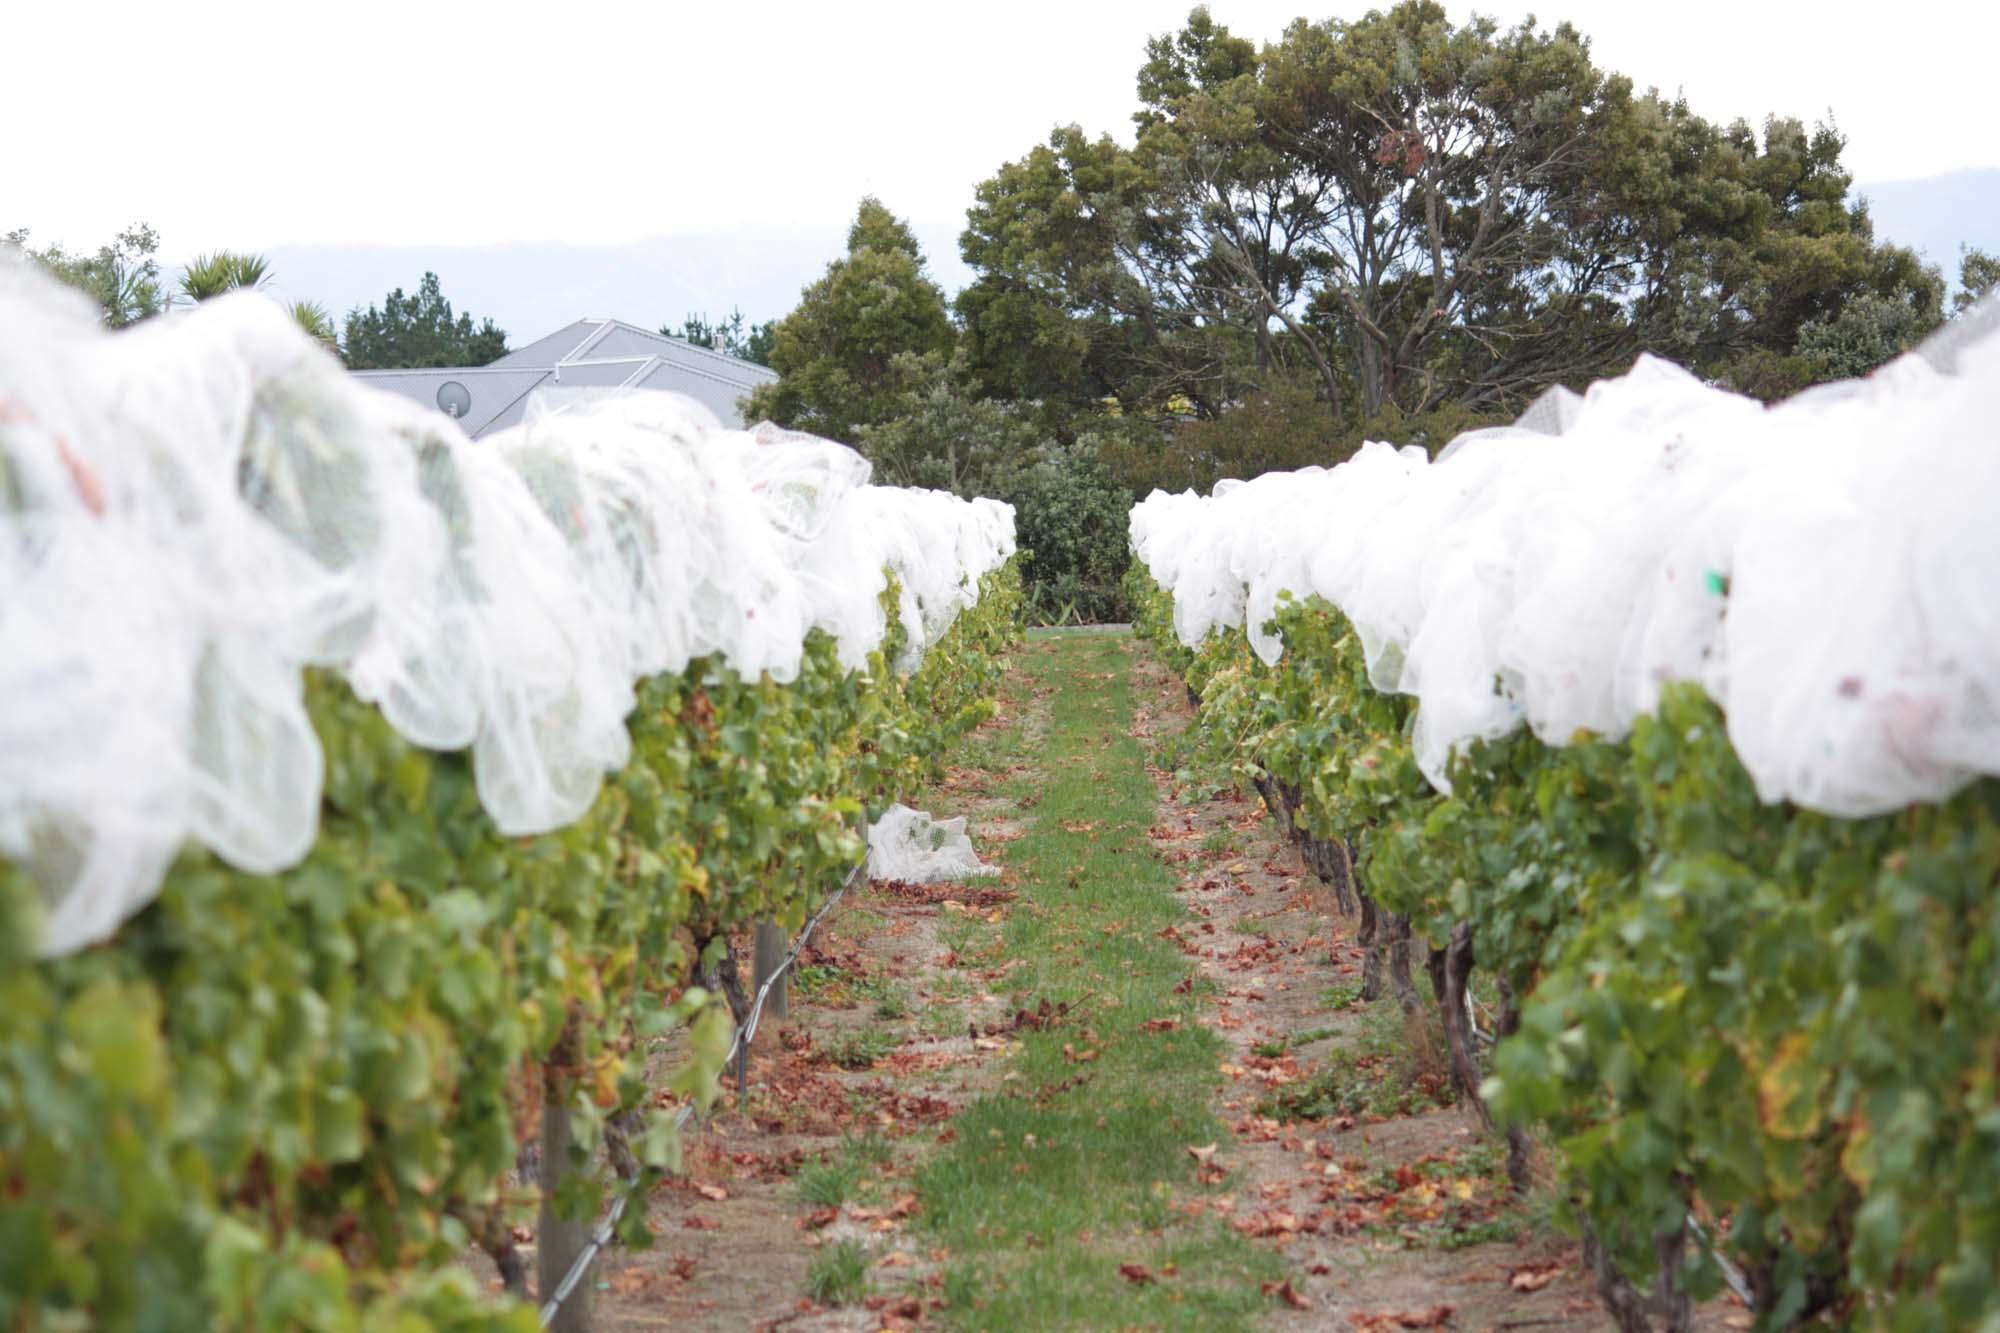 Sauvignon Blanc Grapes at 26 Rows Vineyard in Martinborough, Wairarapa